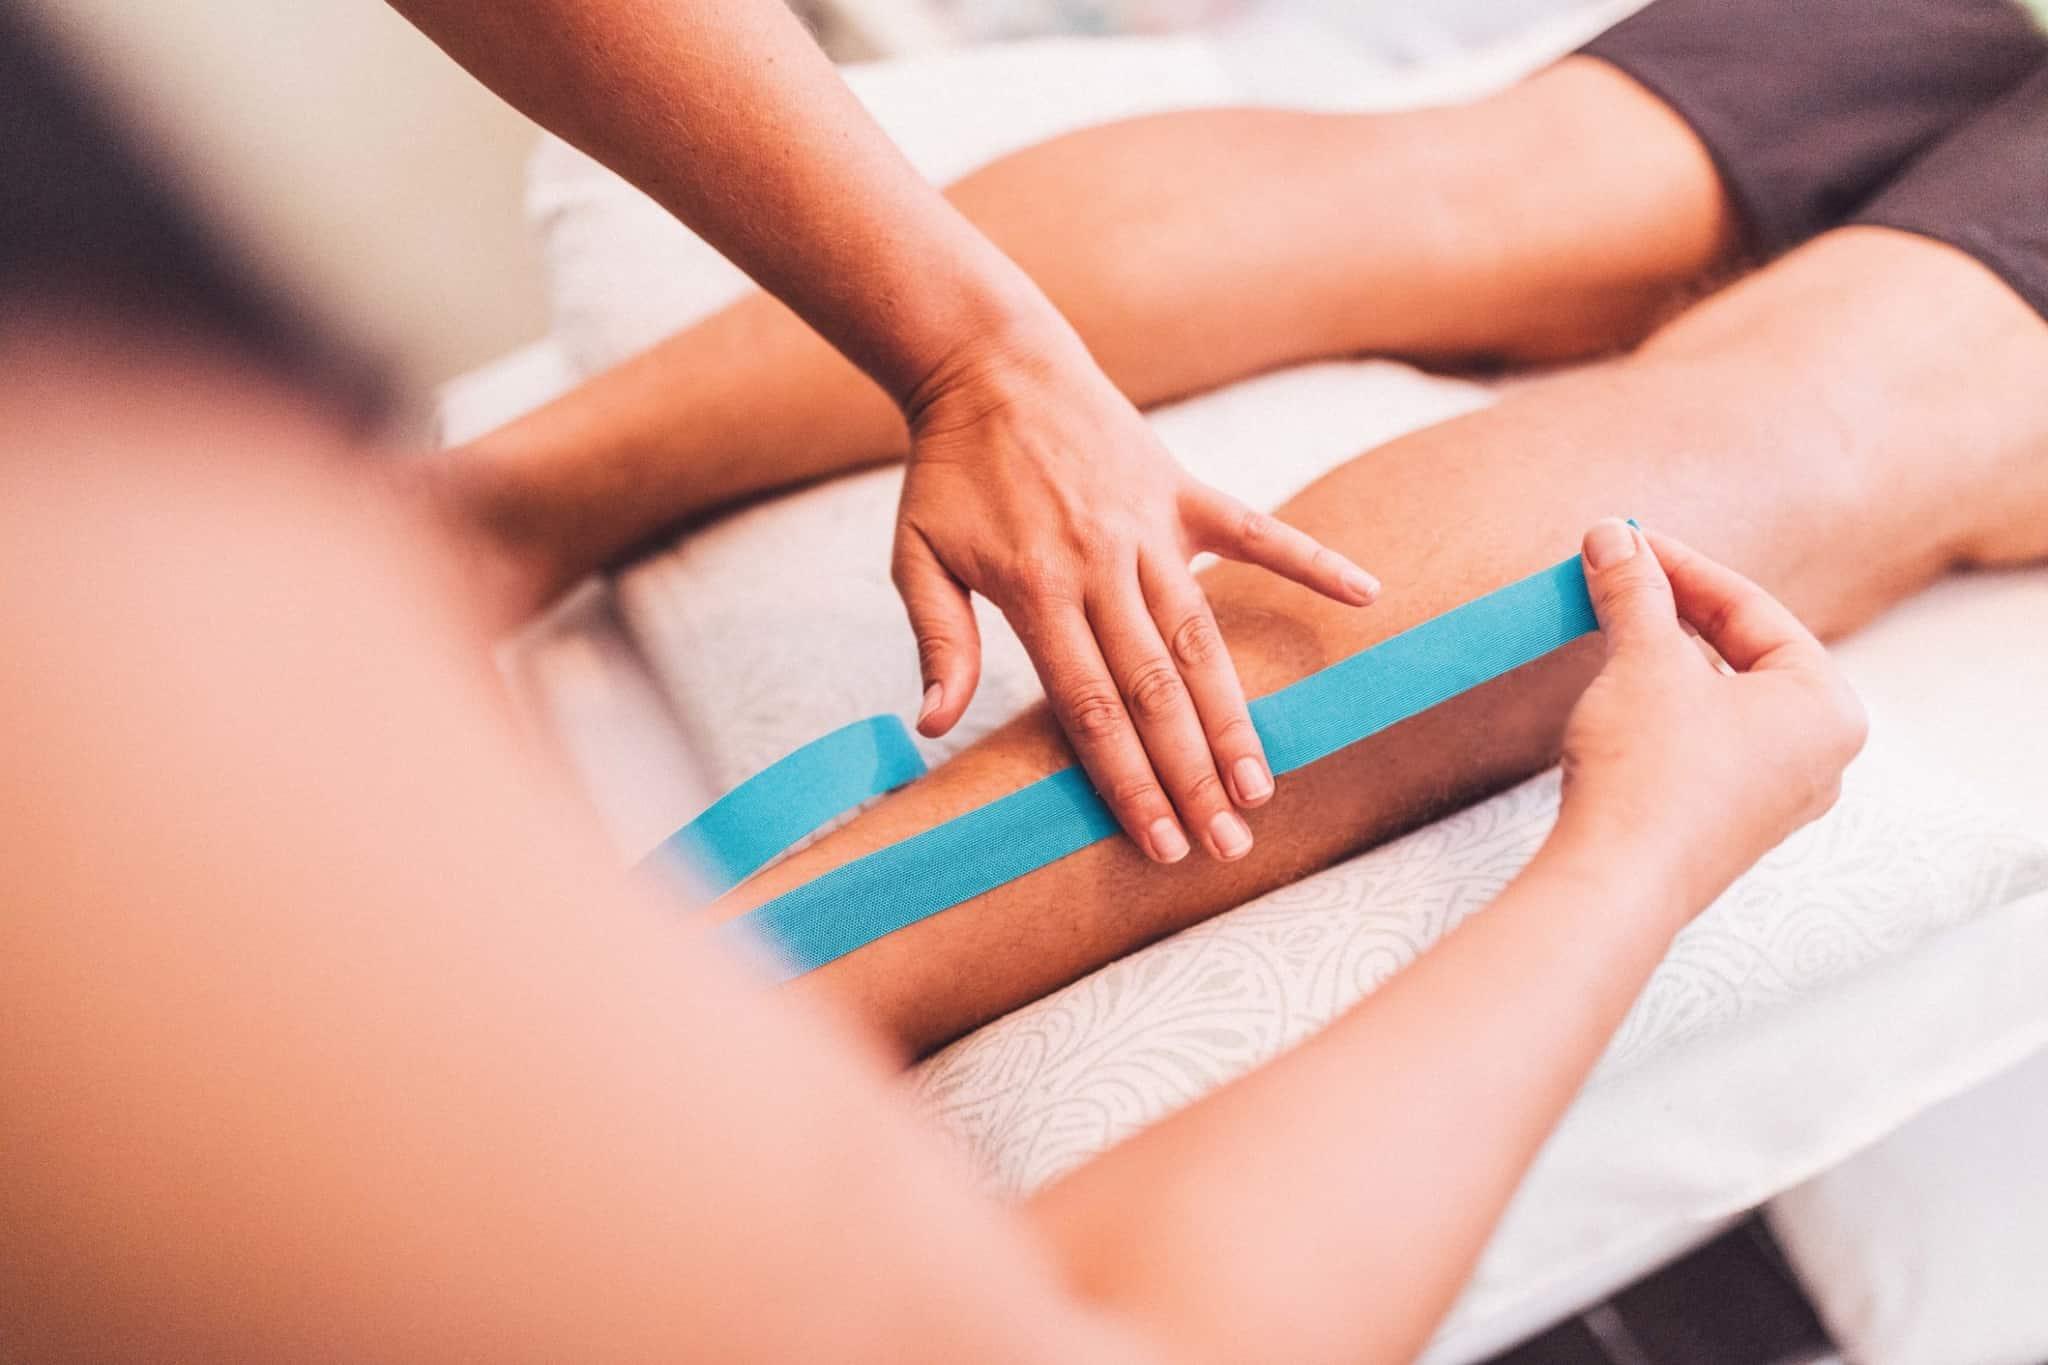 aplicar barra azul nas pernas como tratamento muscular